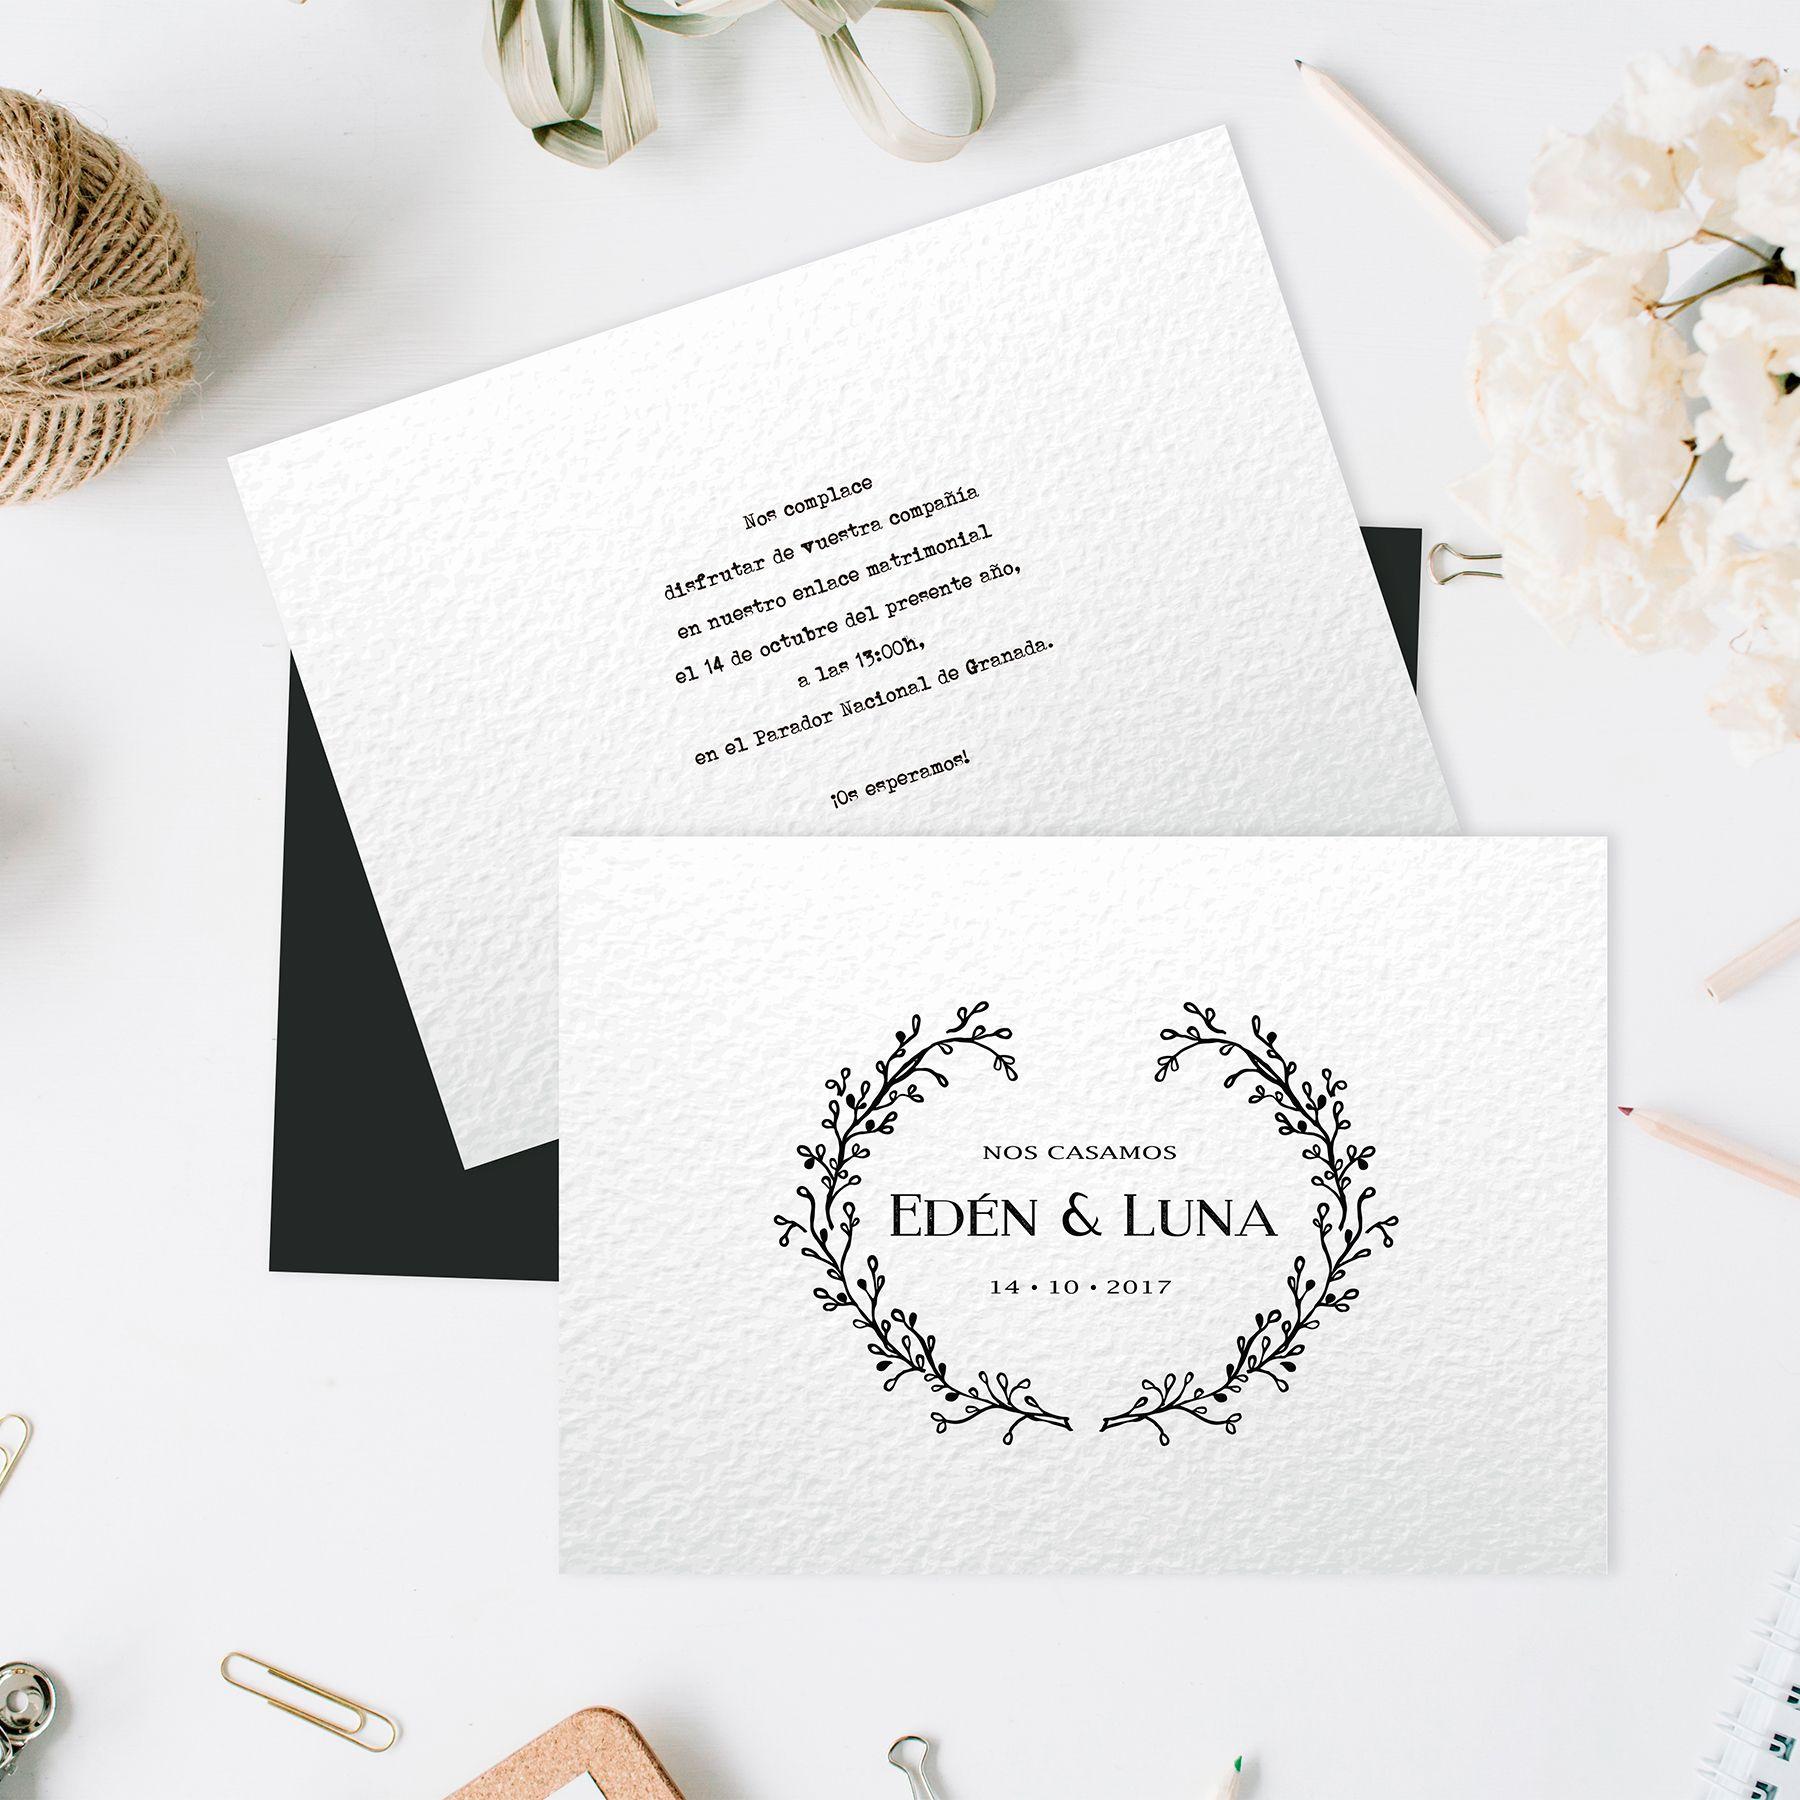 Invitación-Flora anverso y reverso